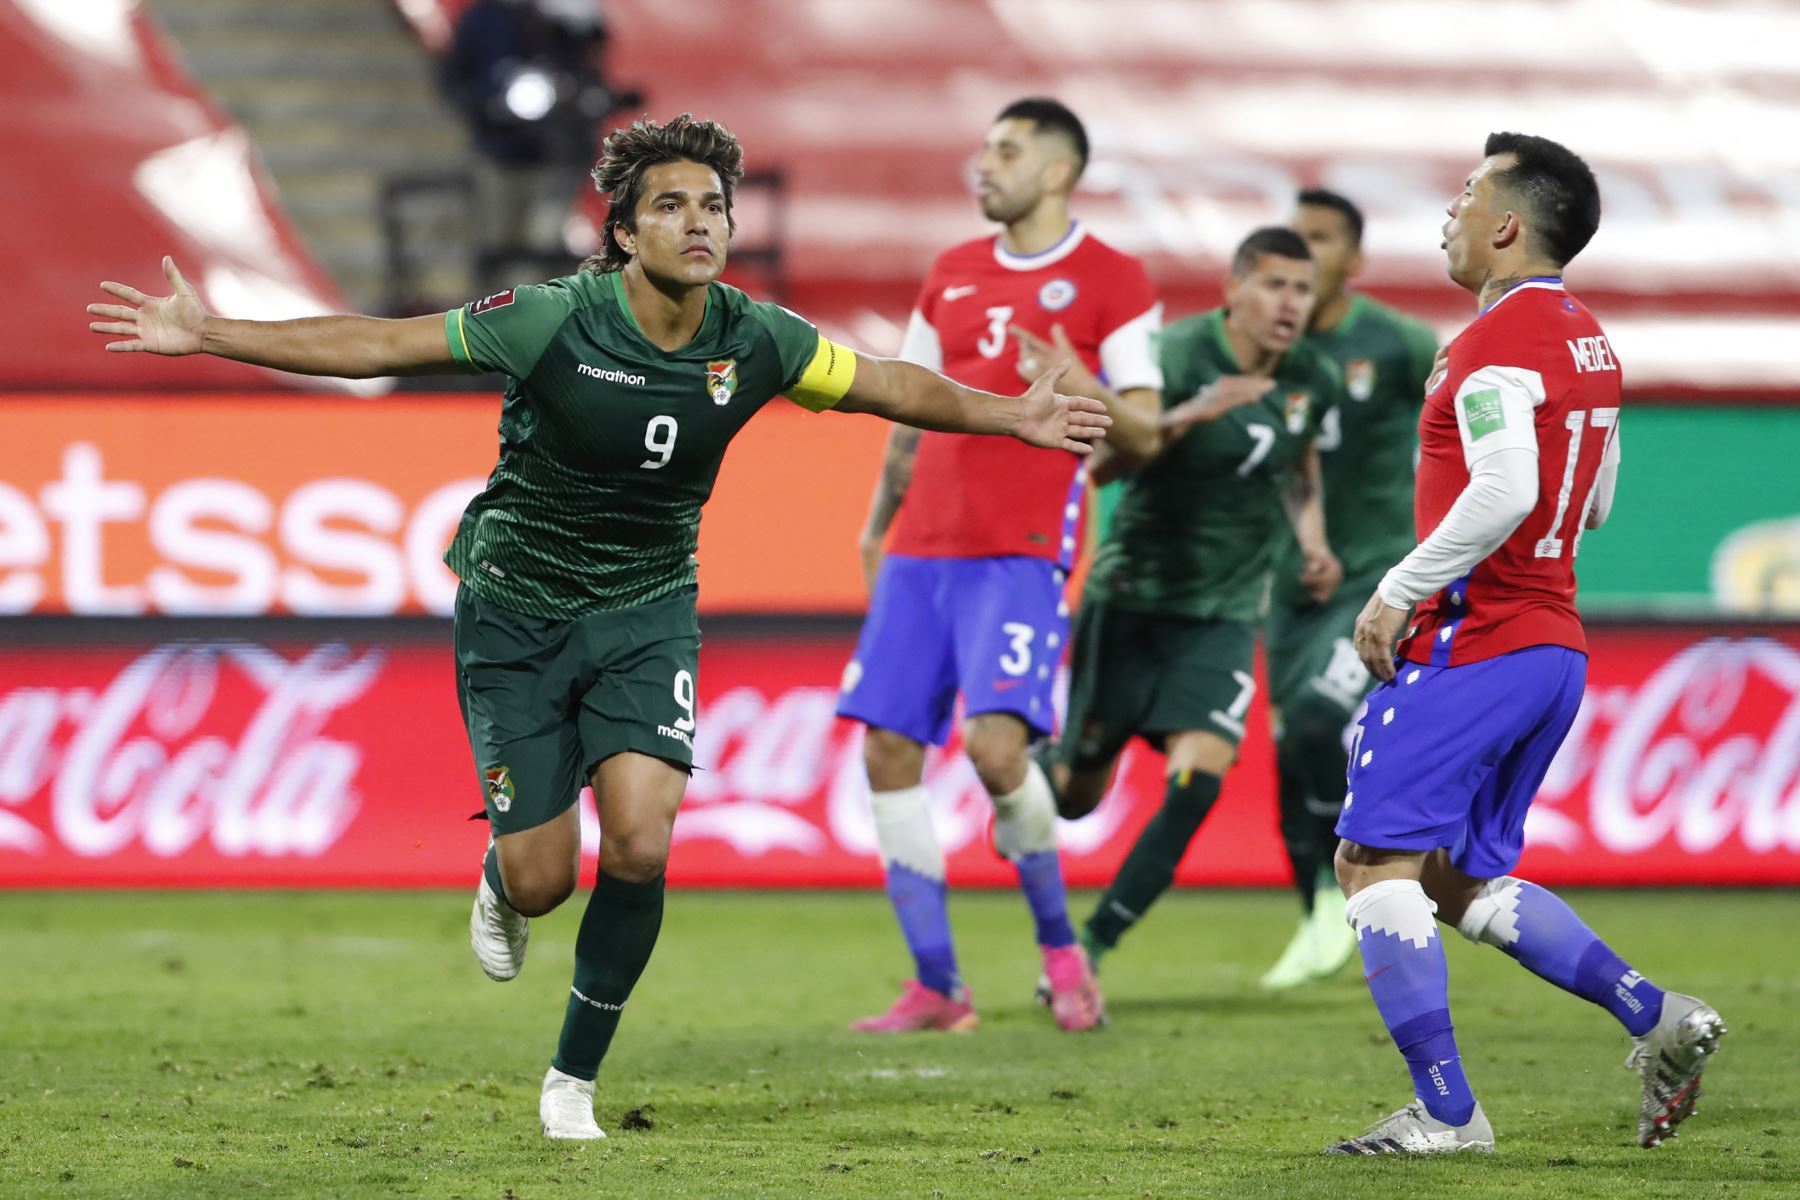 Bolivia, luego de su victoria frente a Venezuela, logra un valioso empate en Santiago, al empatar con Chile por 1 a 1. Foto: AFP